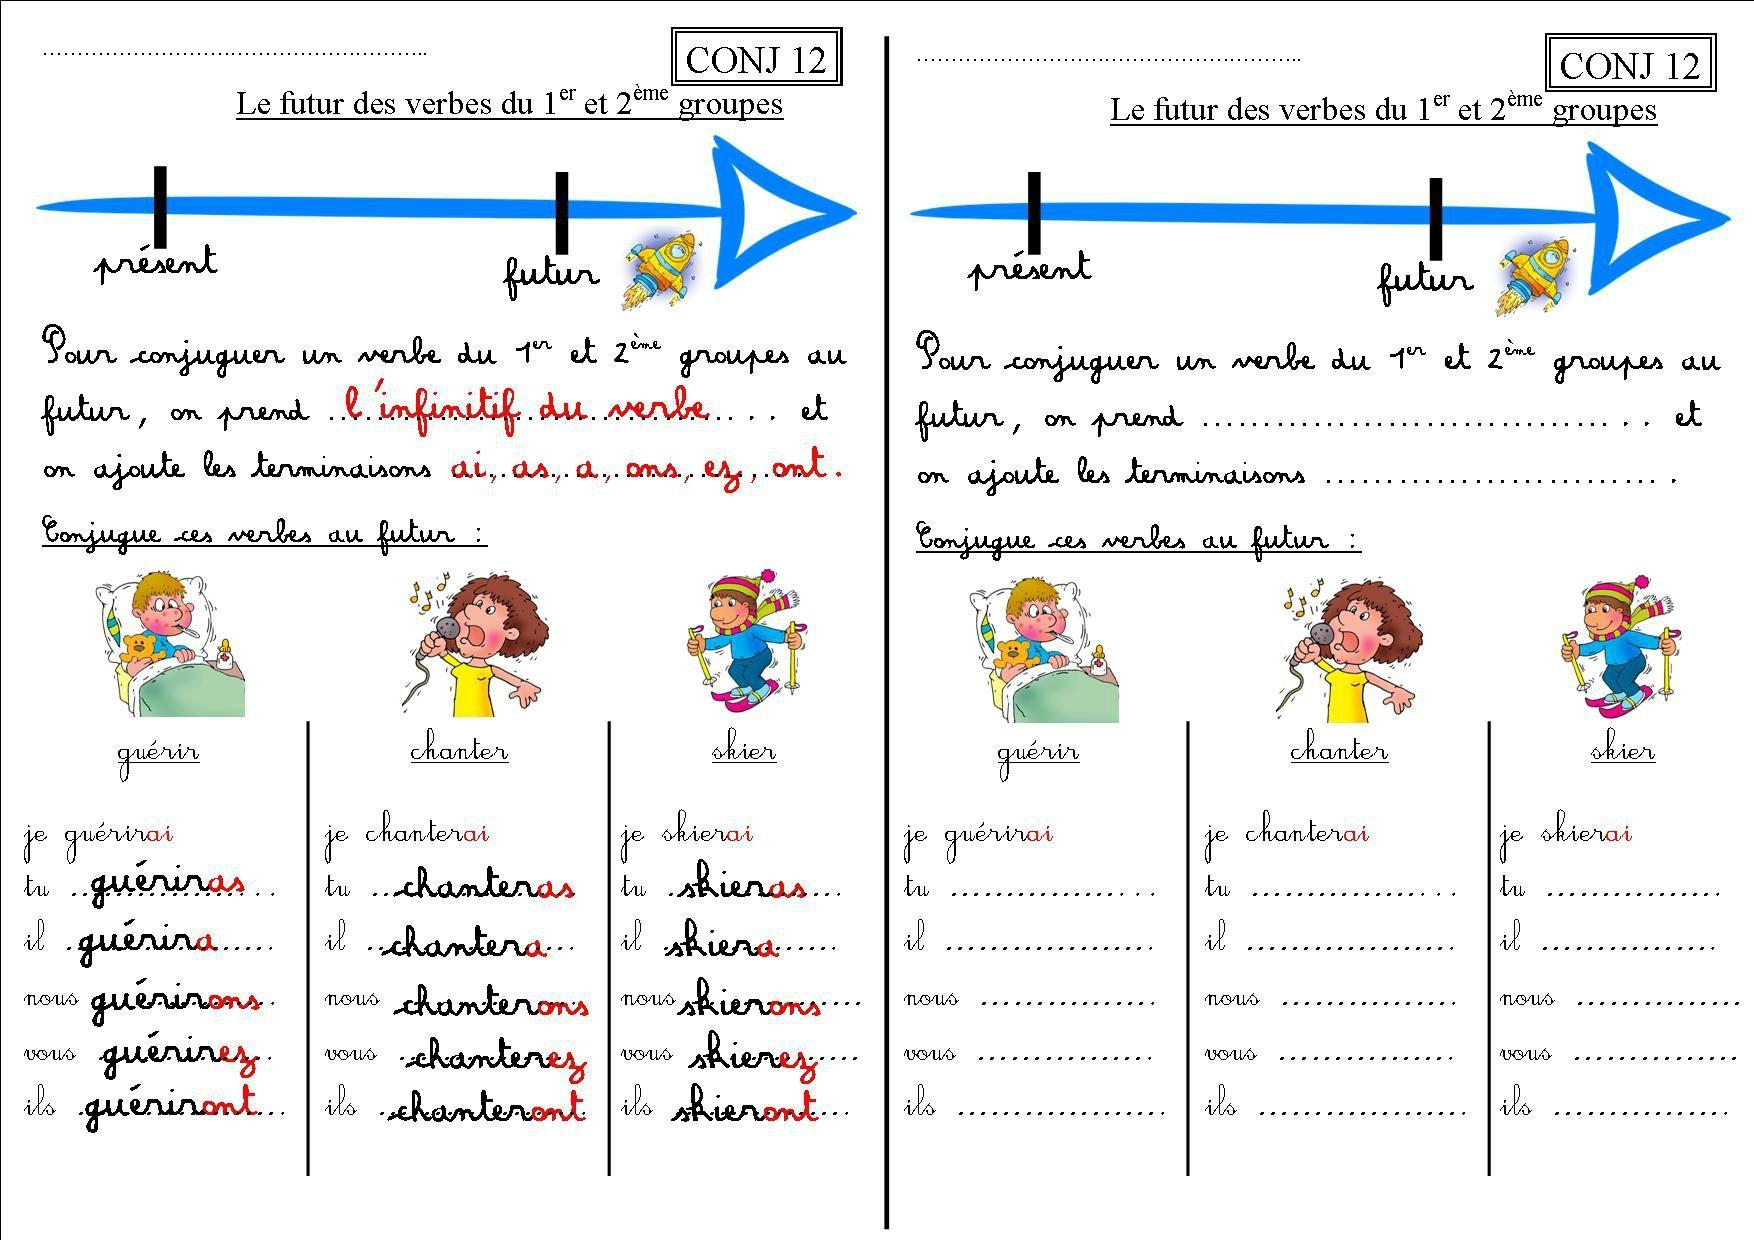 CONJ 12 CE2 : les verbes du 1er et 2ème groupes au futur - La classe des CE de Villebois | Ce2 ...